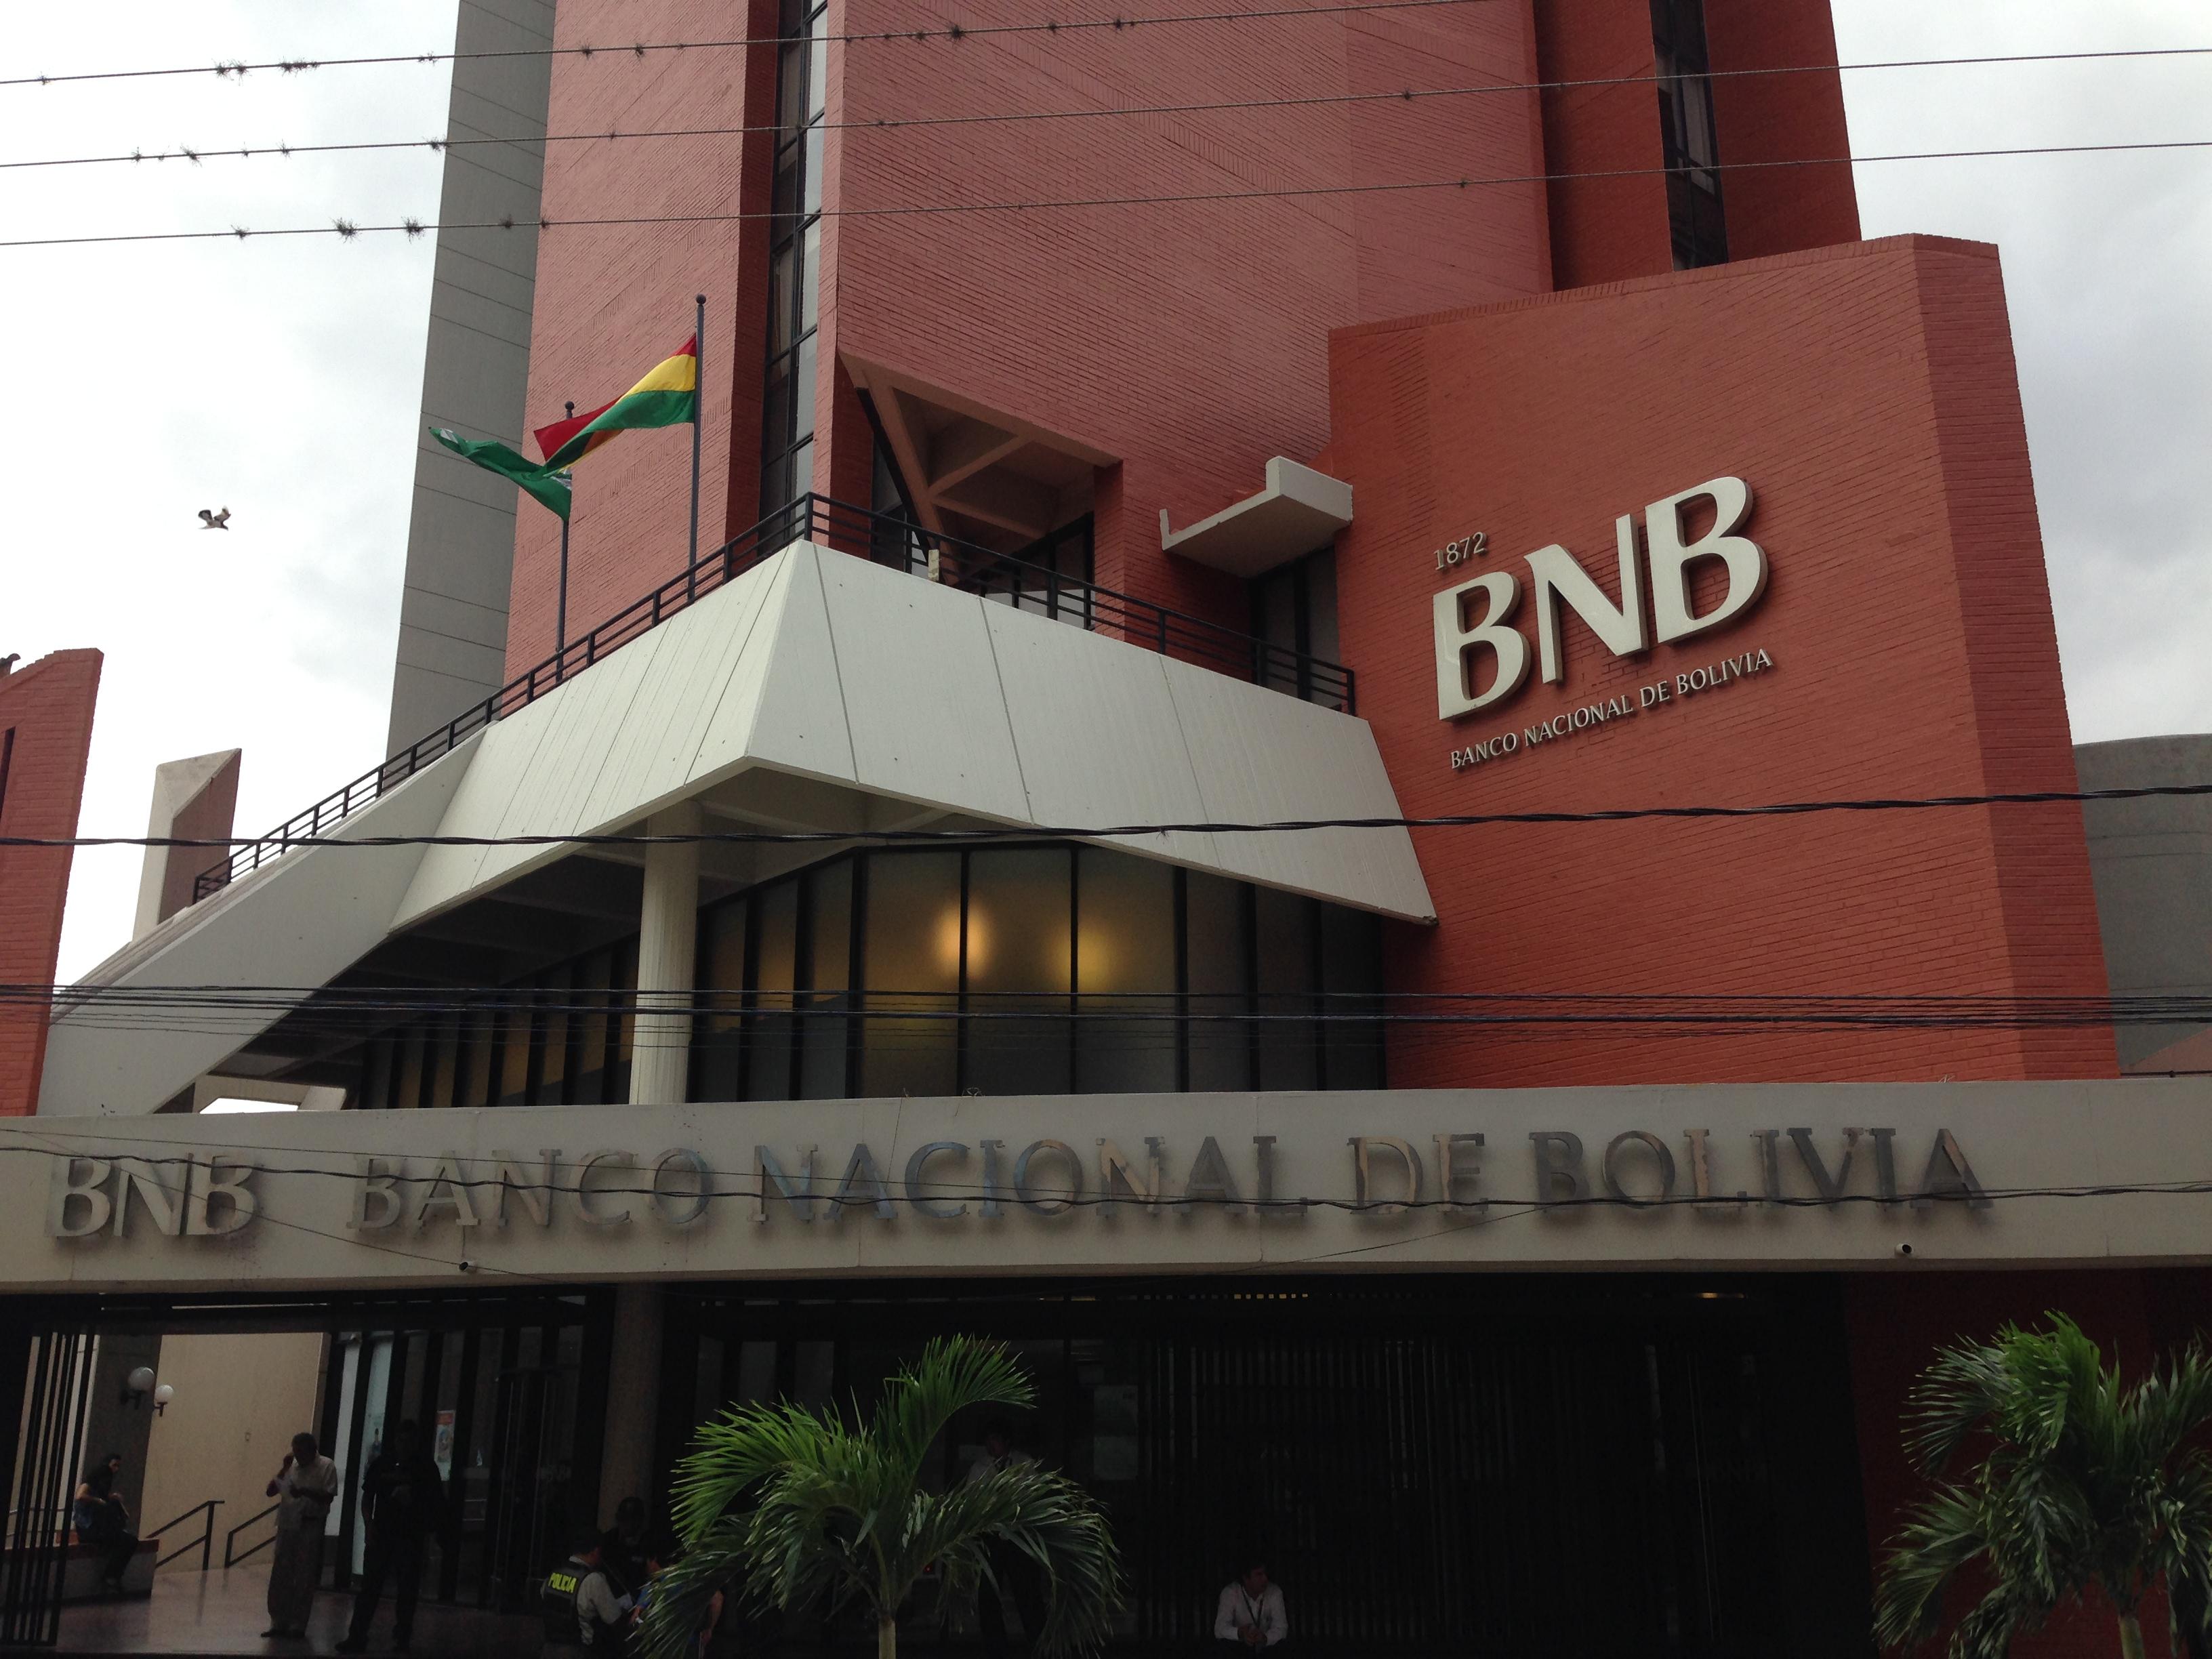 Banco Nacional de Bolivia. Aquí me reuní con Paola Cors (Subgerente de Recursos Humanos)